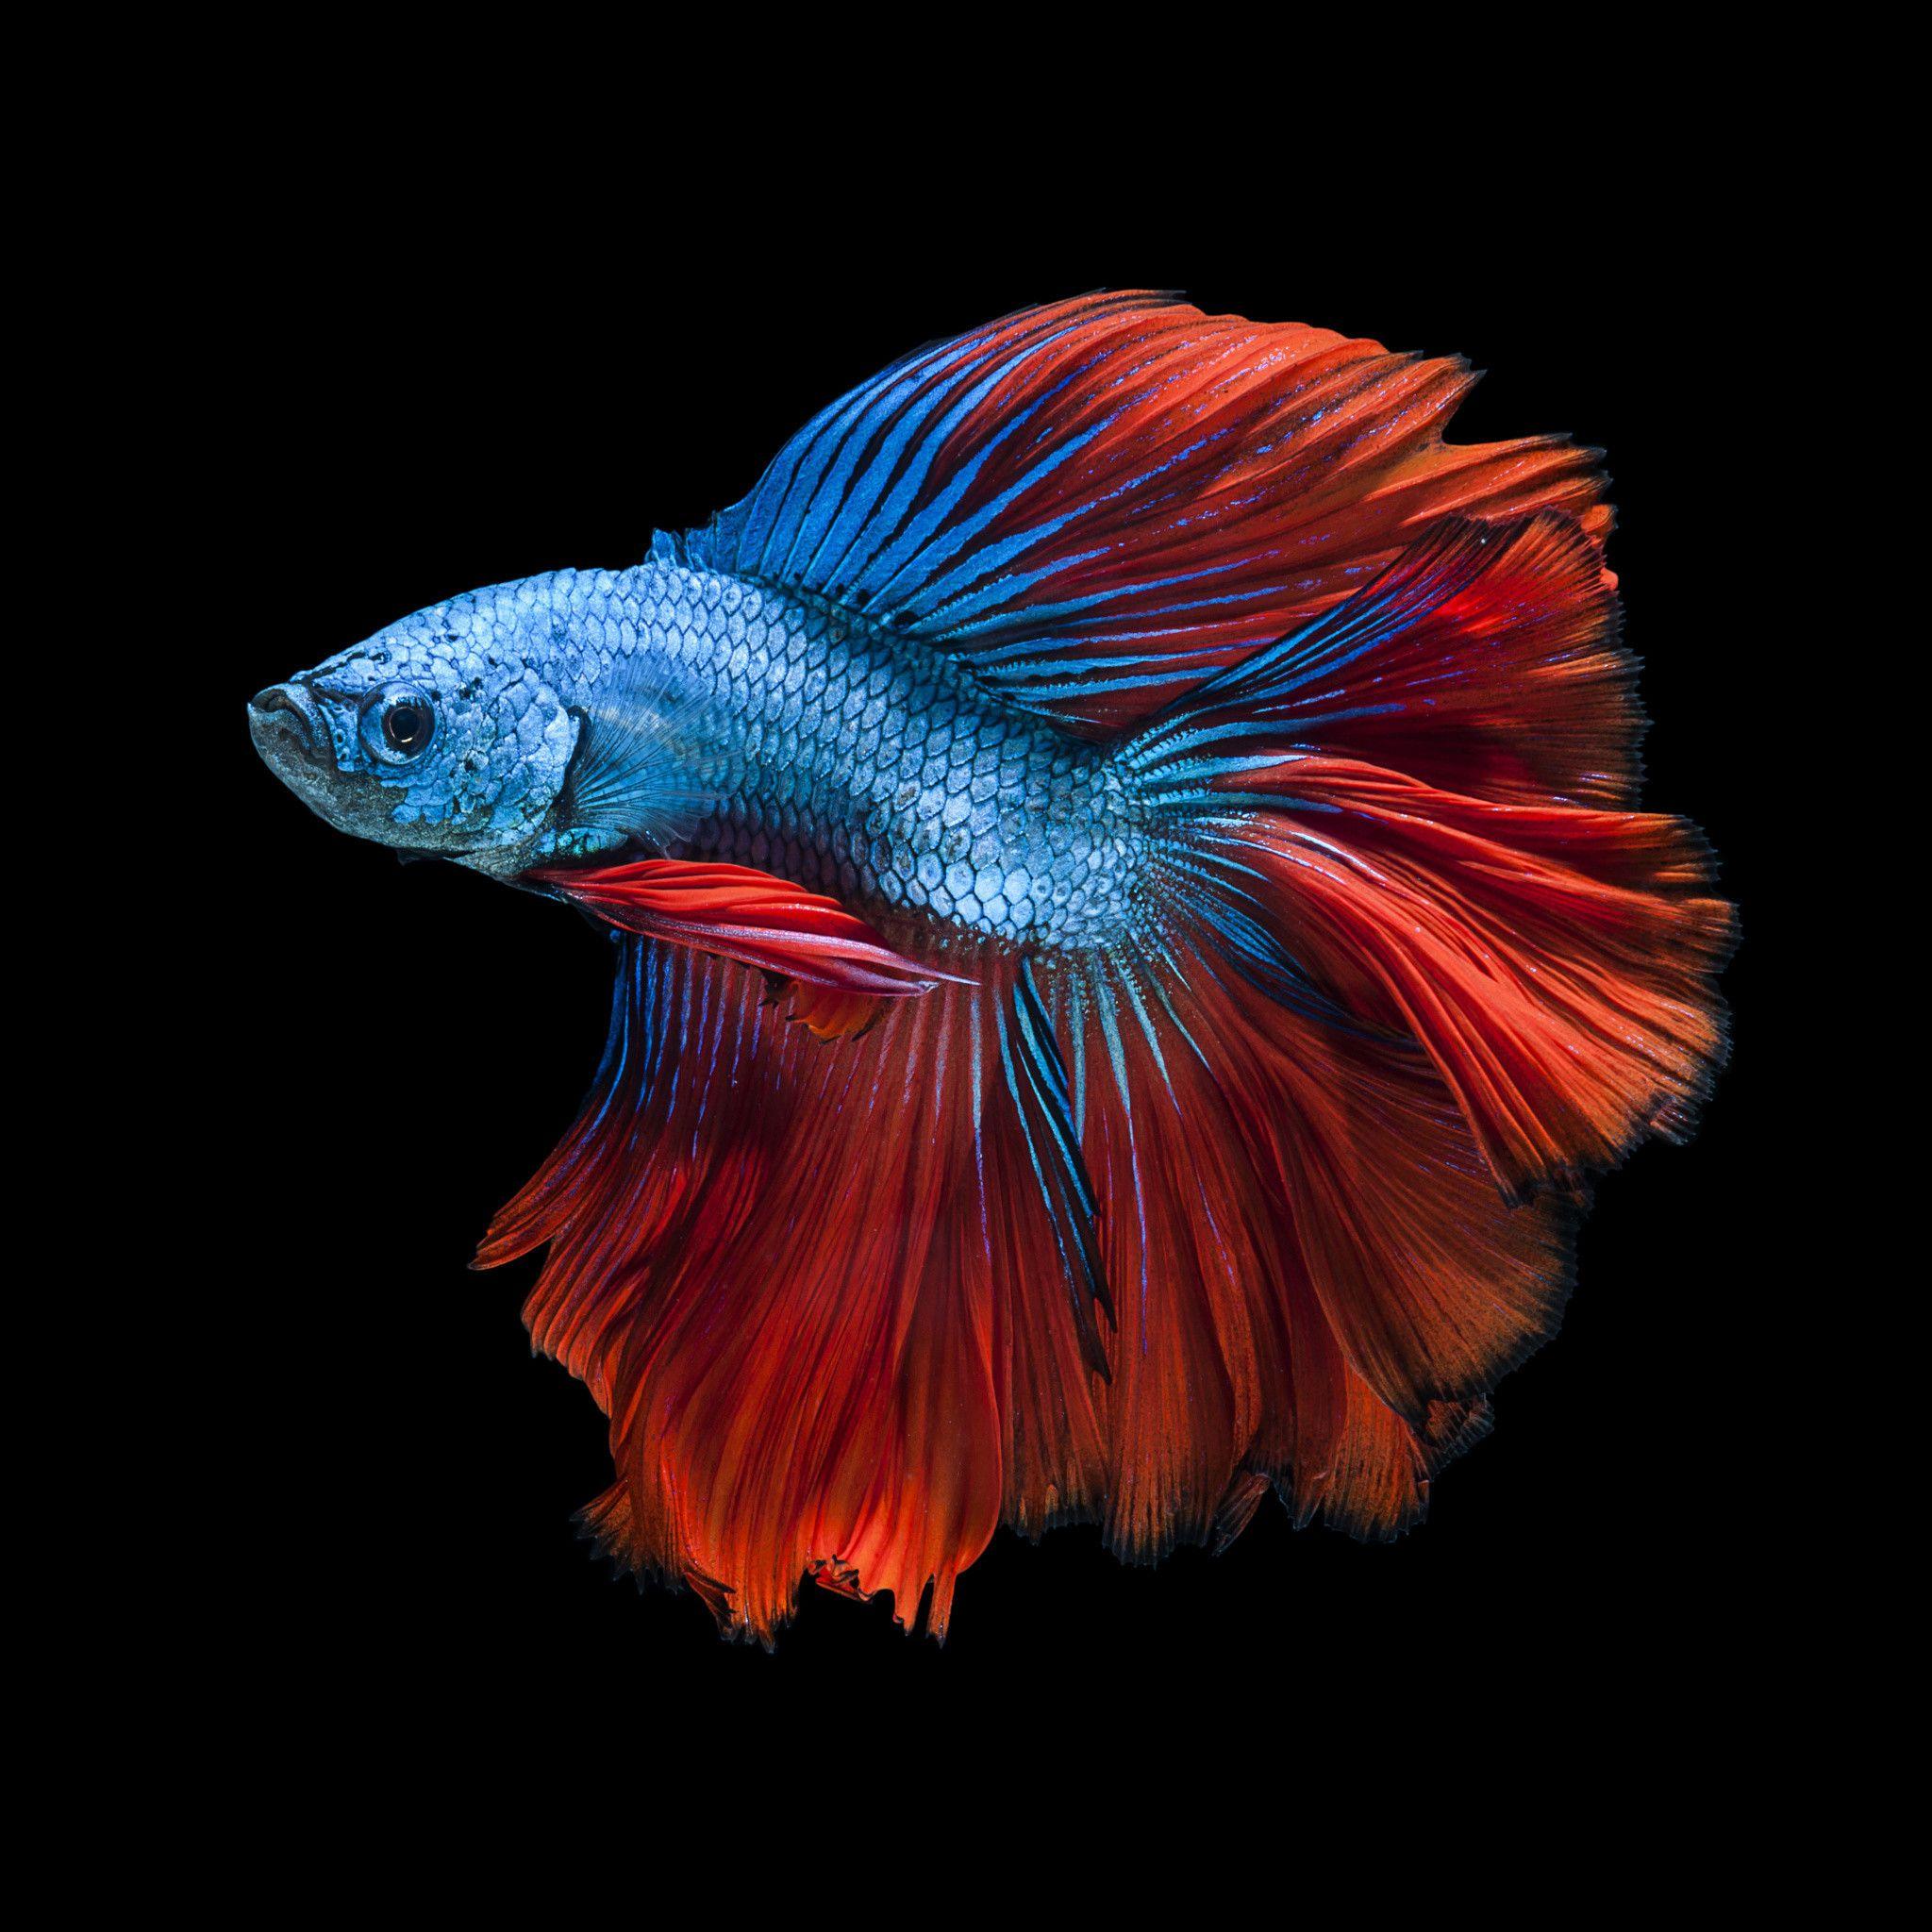 ベタ Ipadの壁紙がダウンロードし放題 ベタ 魚 かわいい魚 カラフルな魚